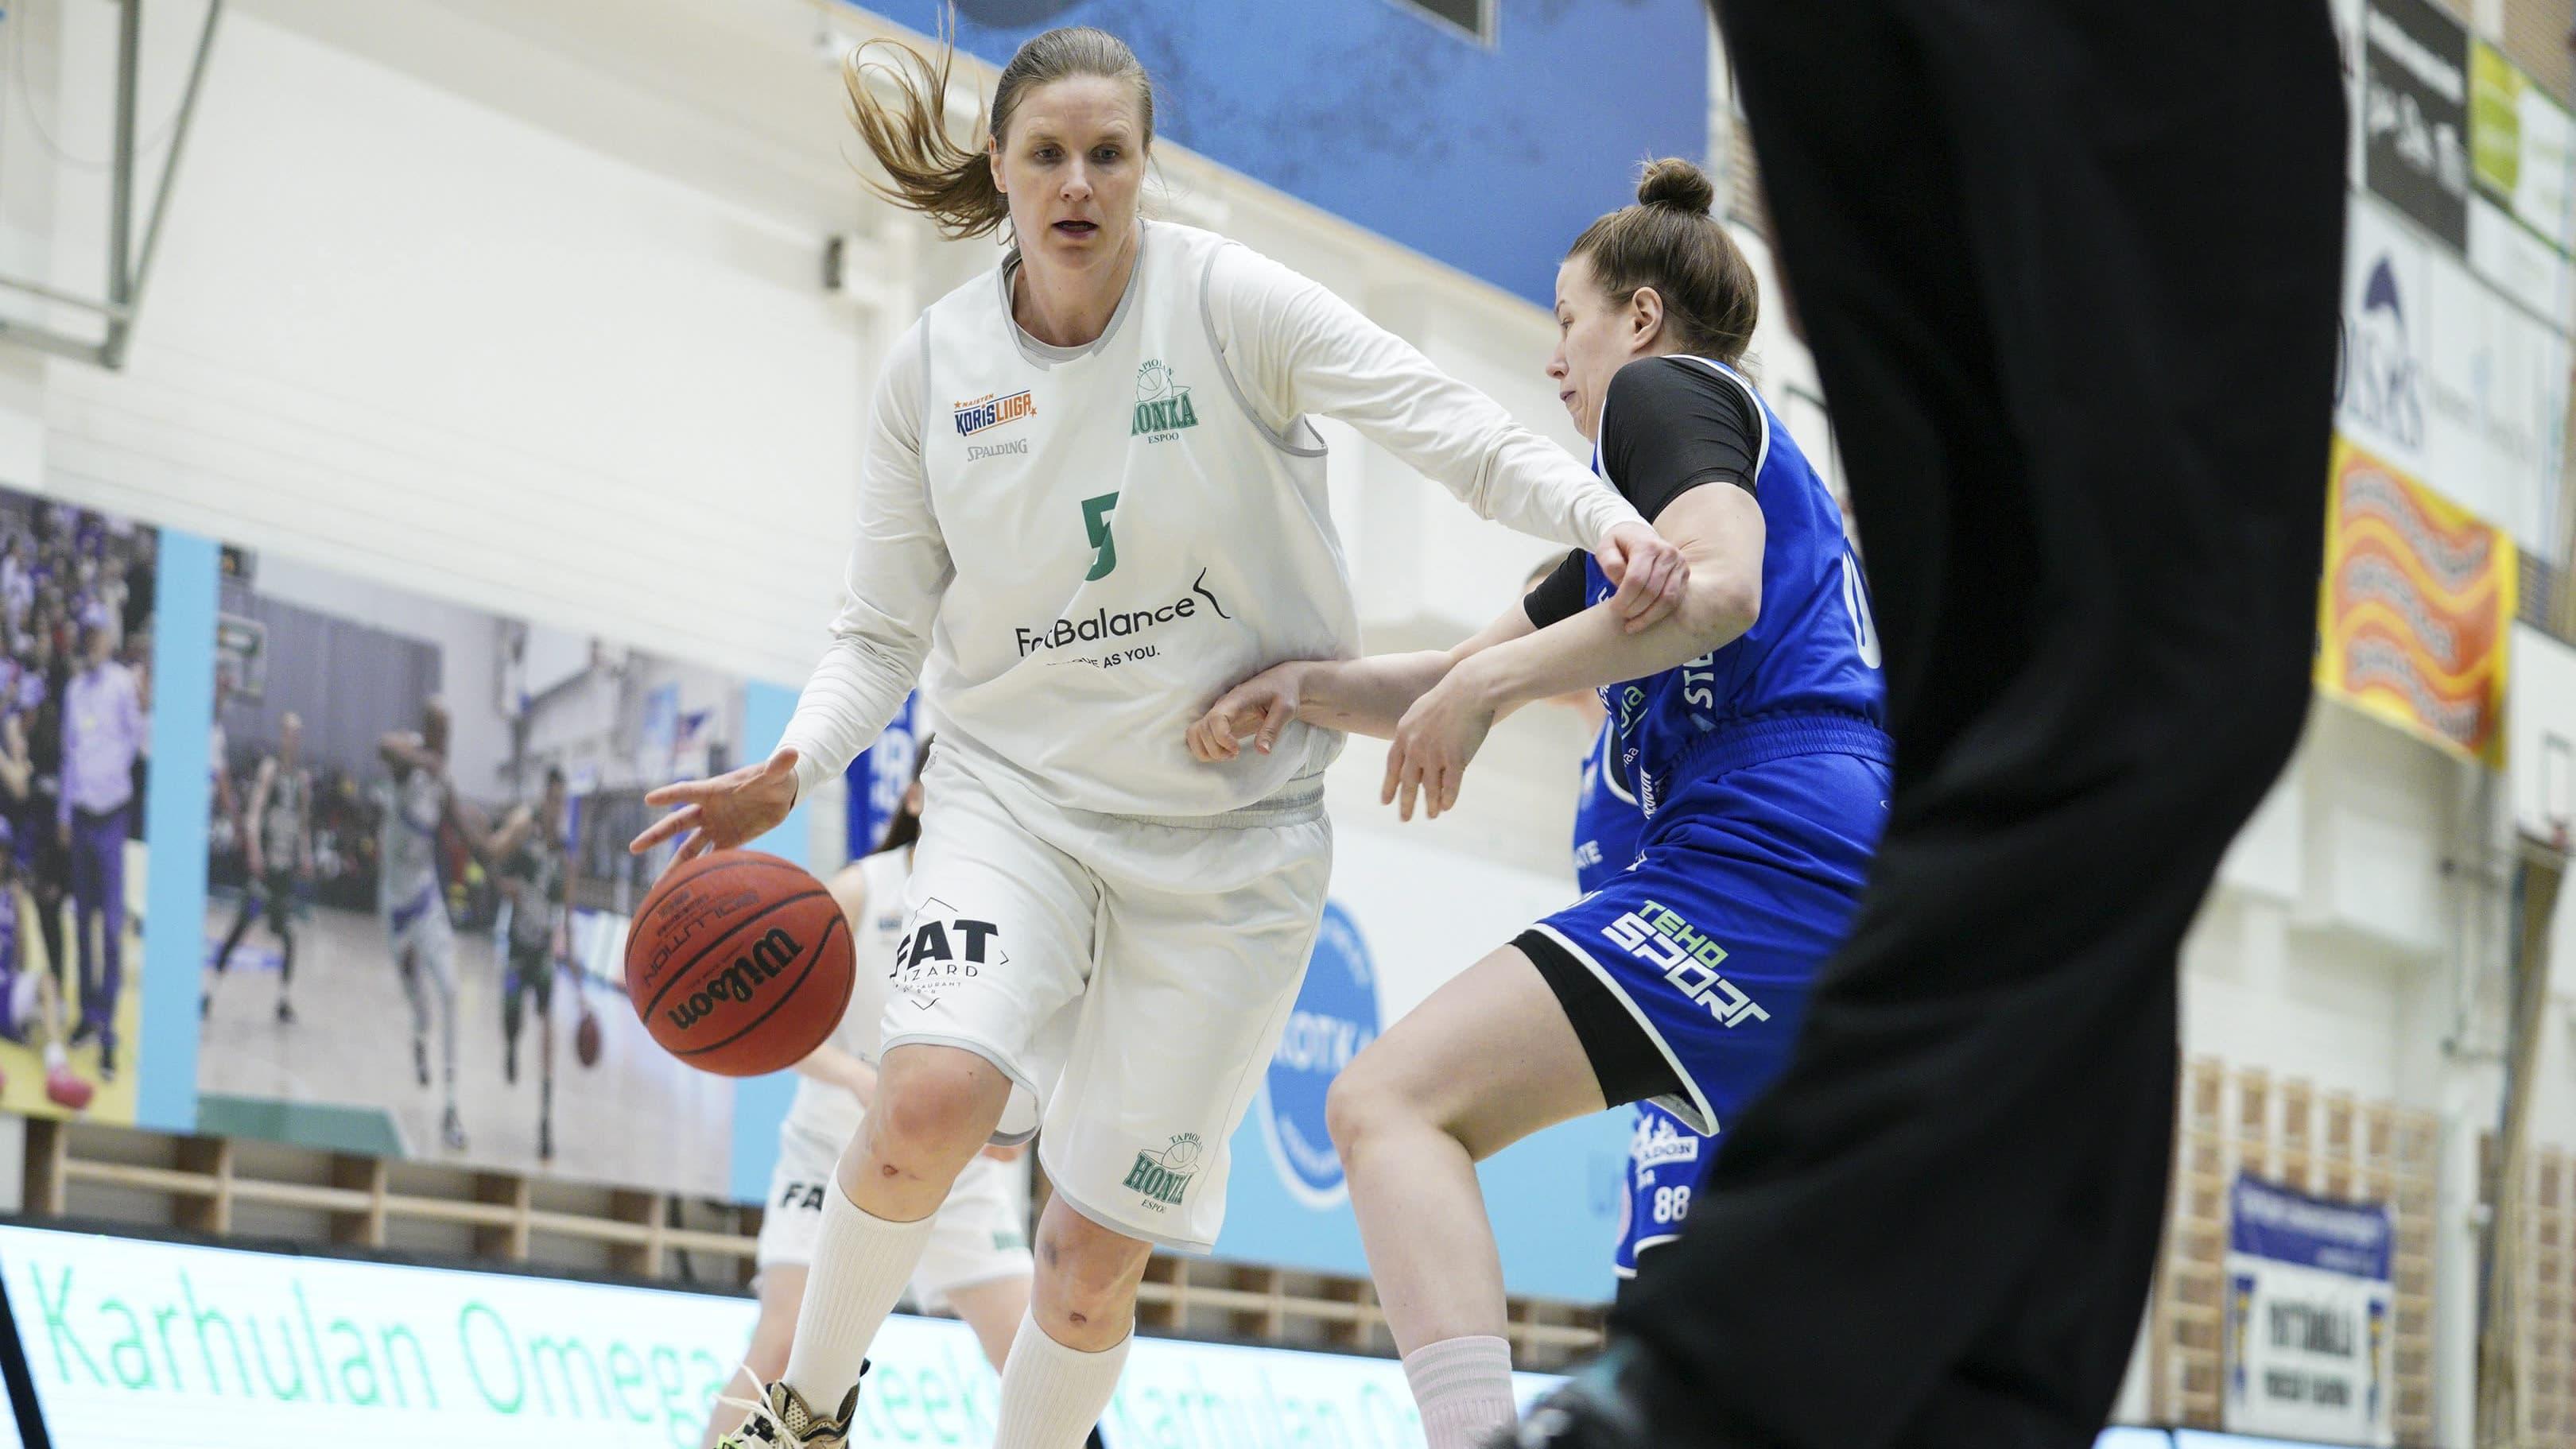 Taru Tuukkanen johdatti viime keväänä espoolaisen Hongan naisten korisfinaaleihin.